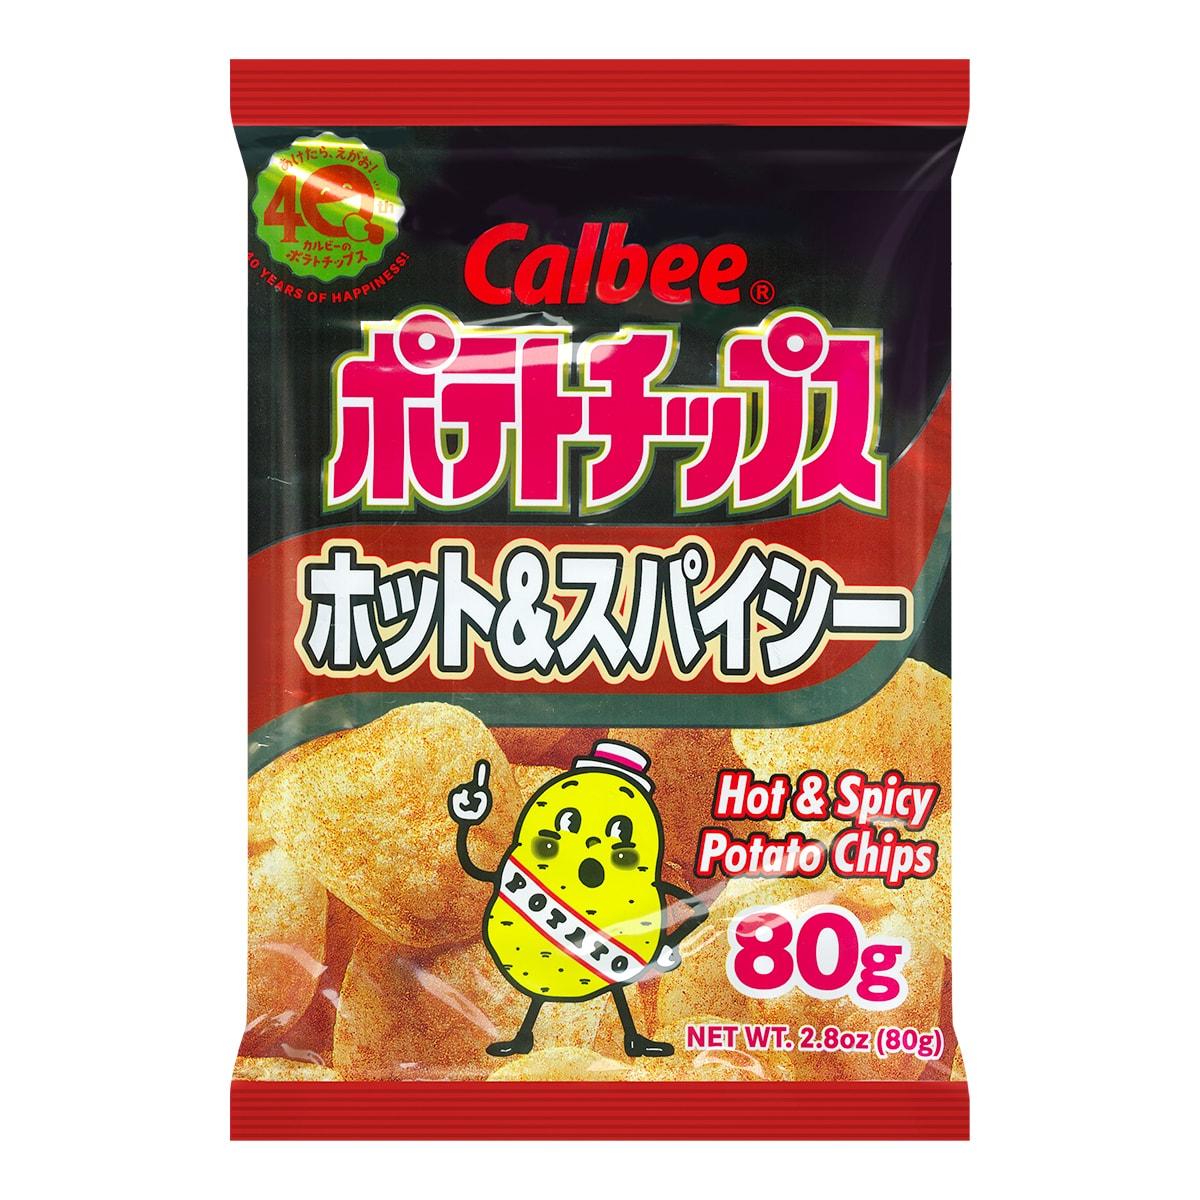 日本CALBEE卡乐B 热浪薯片 辣味 80g